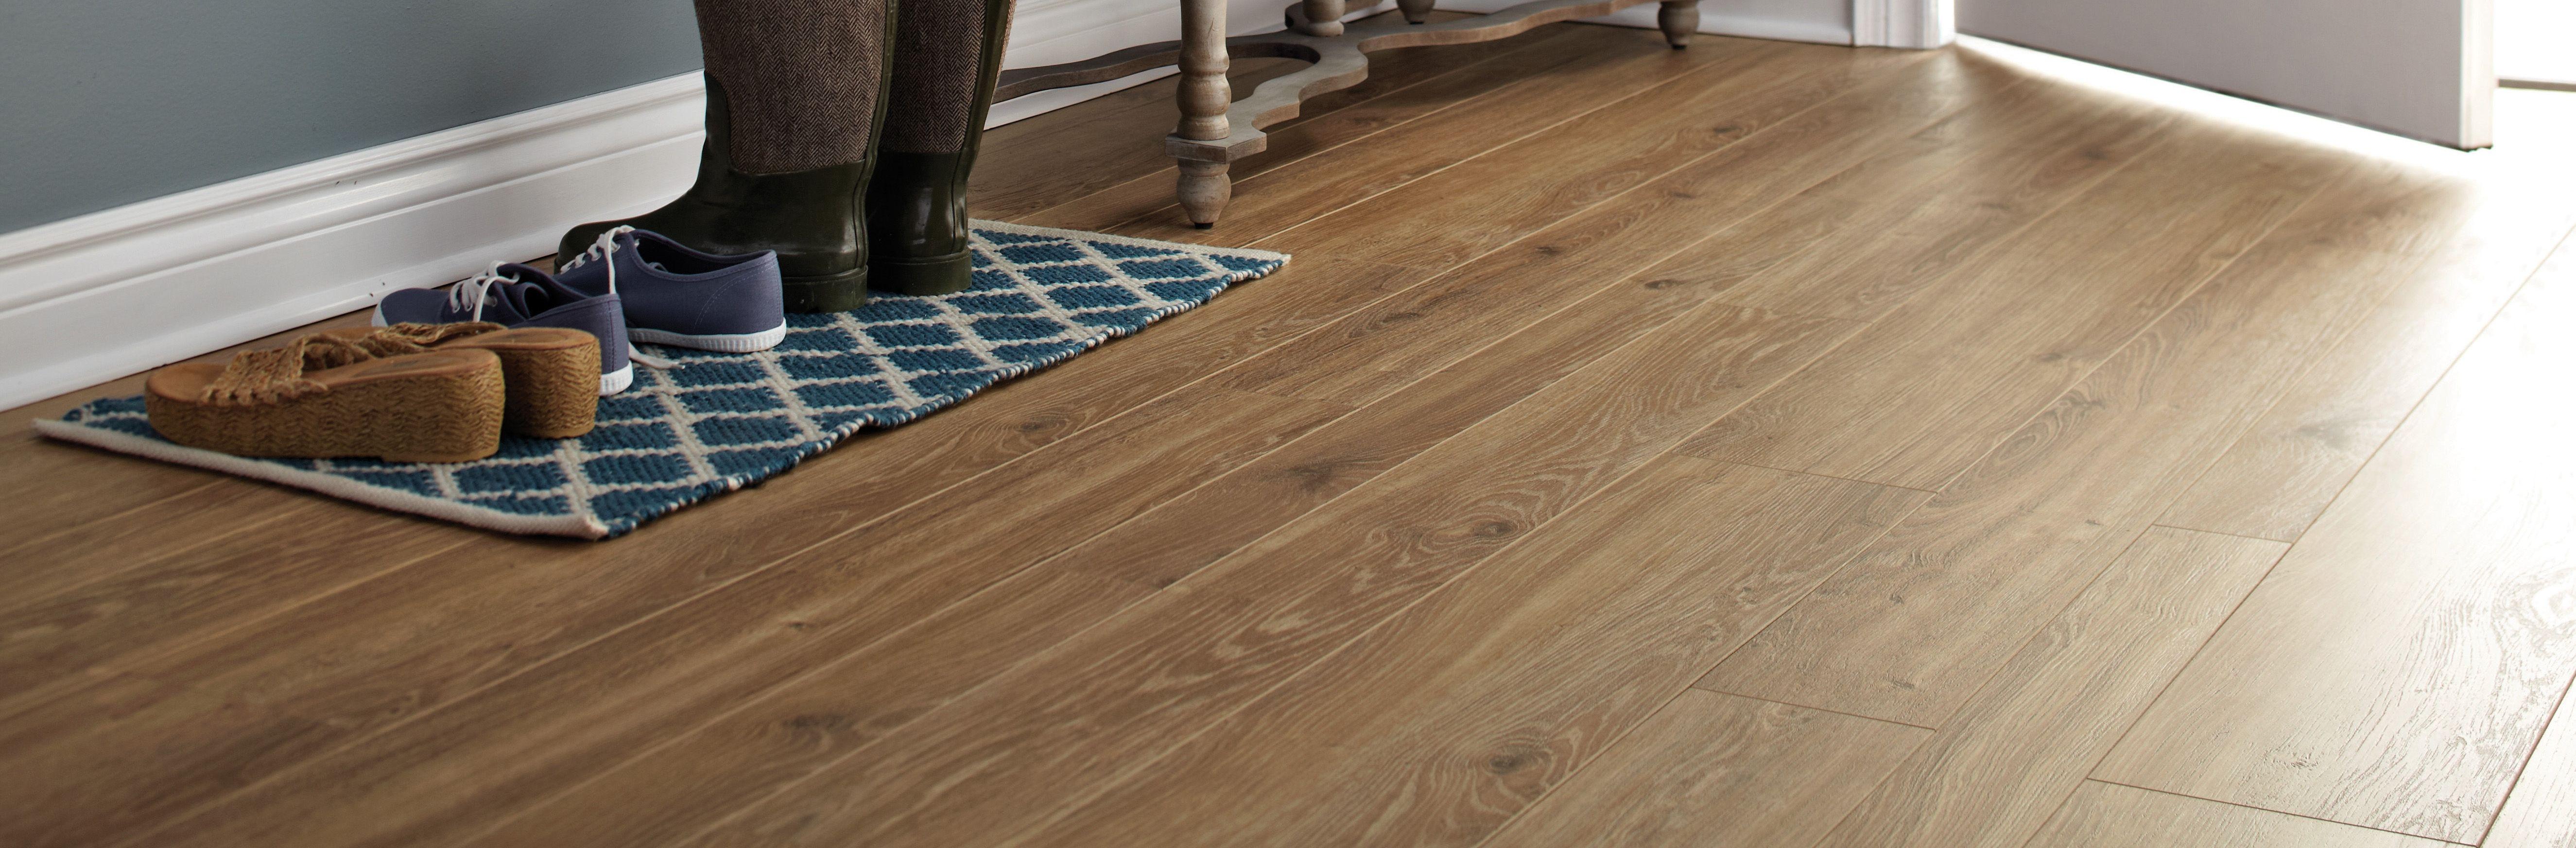 rona hardwood flooring of robinsons flooring vinyl plank flooring rona floor for robinsons flooring vinyl plank flooring rona